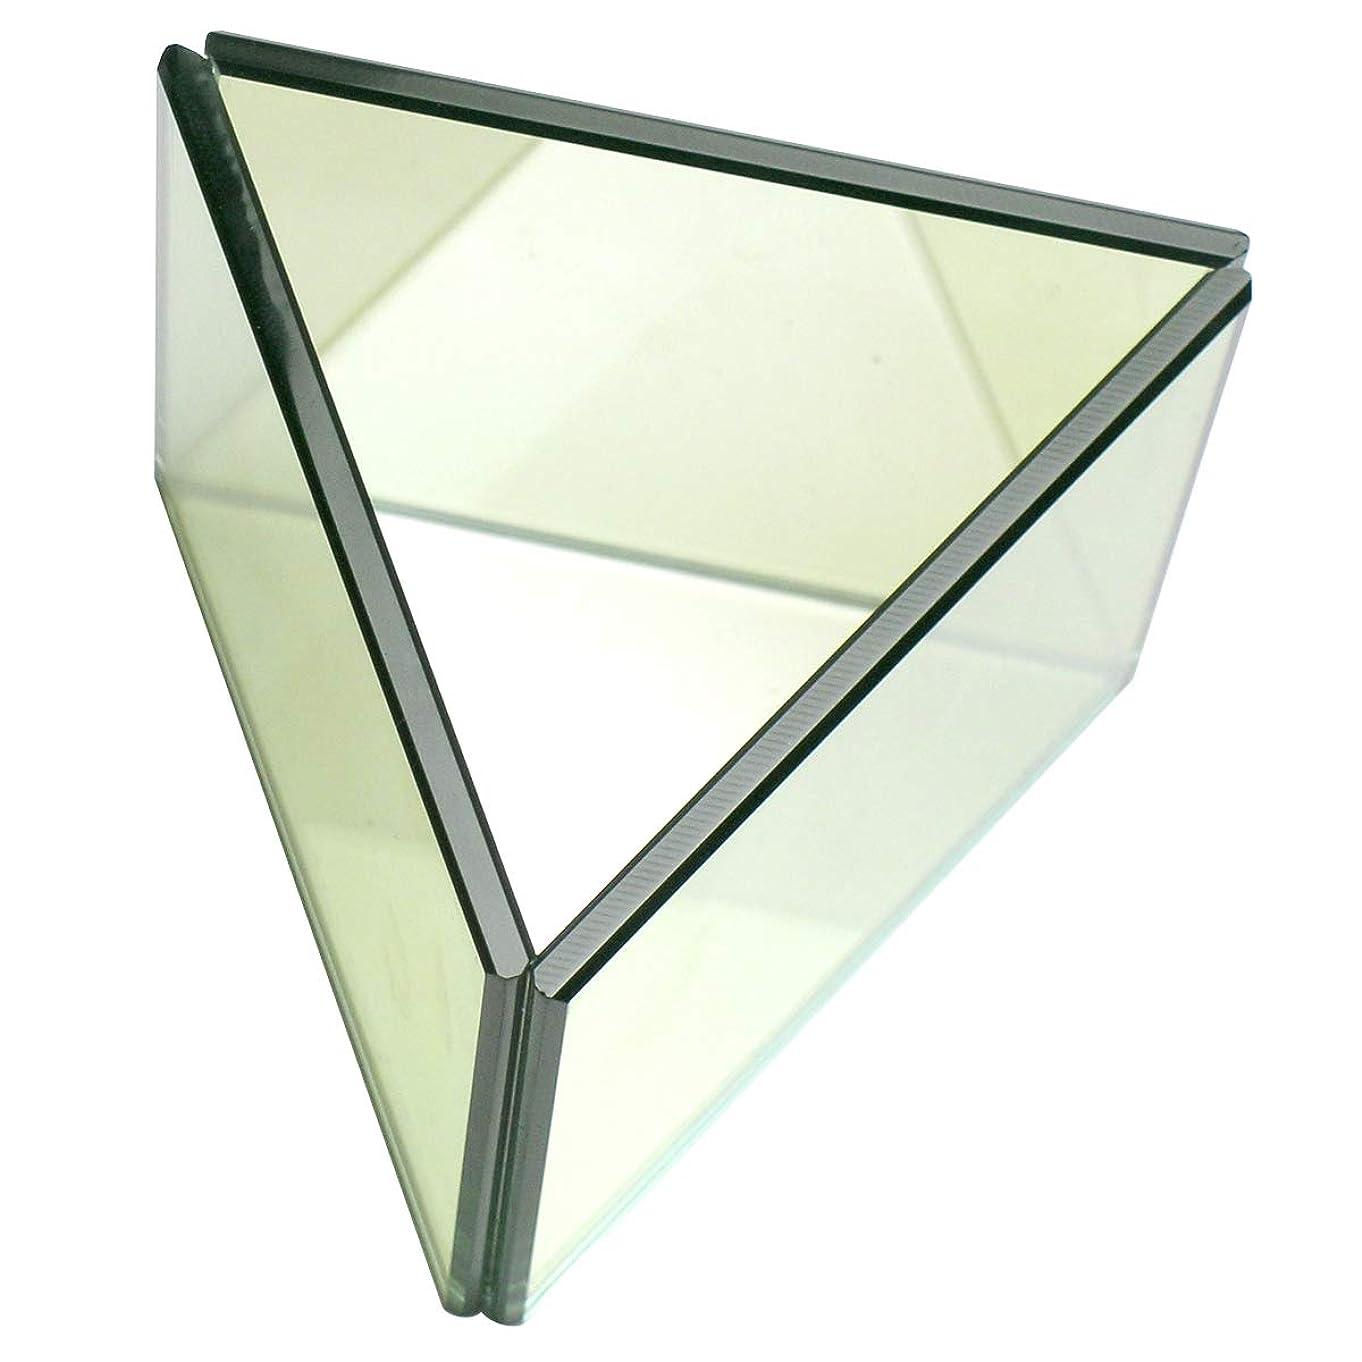 対応する高さ熱意無限連鎖キャンドルホルダー トライアングル ガラス キャンドルスタンド ランタン 誕生日 ティーライトキャンドル